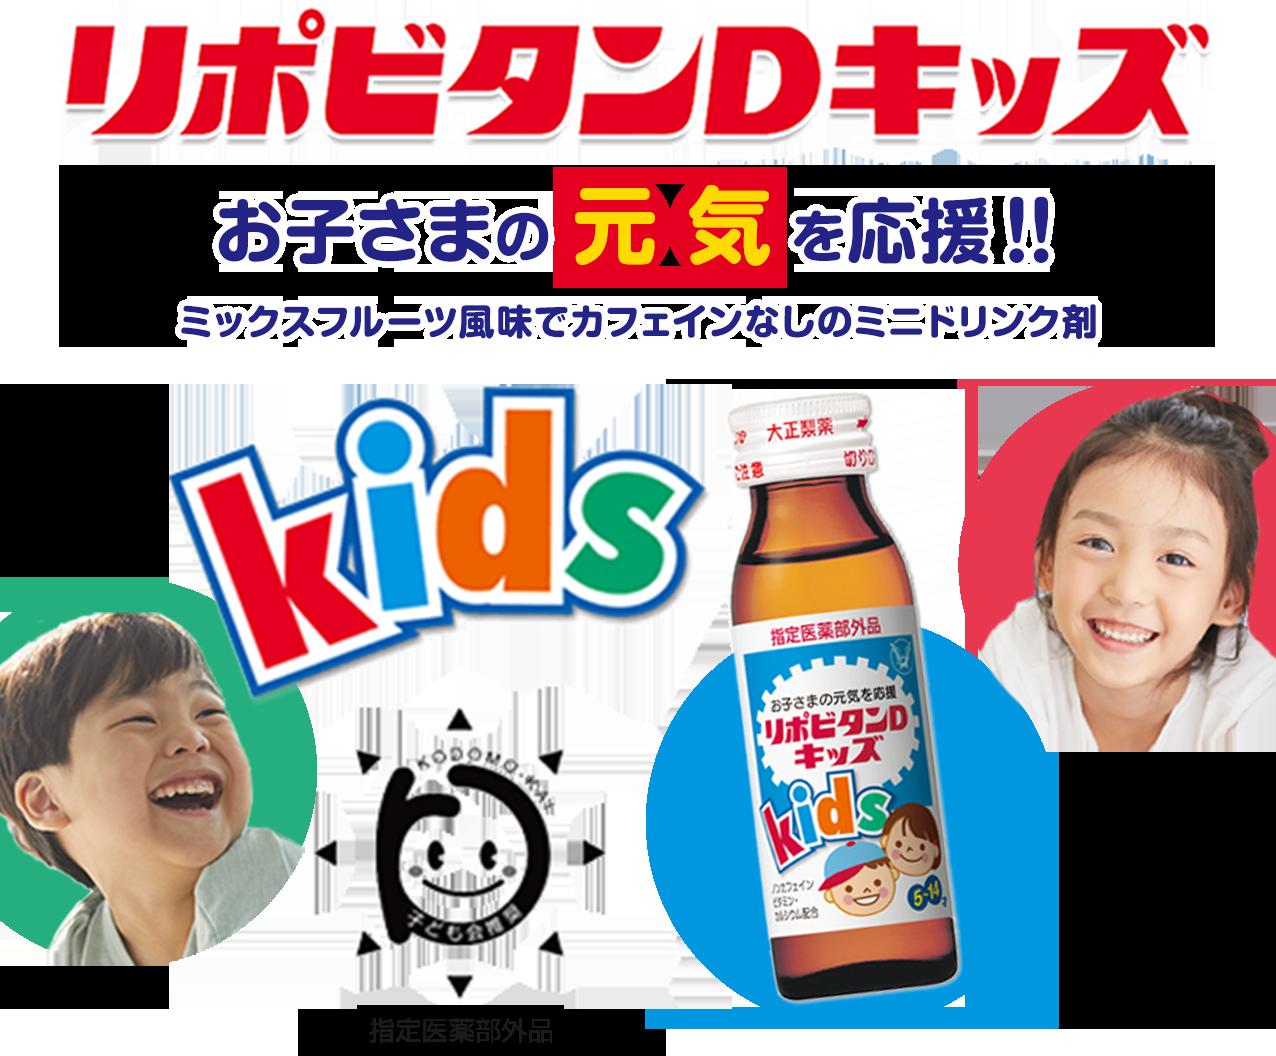 リポビタンDキッズ子どもたちのファイトを応援!ミックスフルーツ風味でカフェインなしのミニドリンク